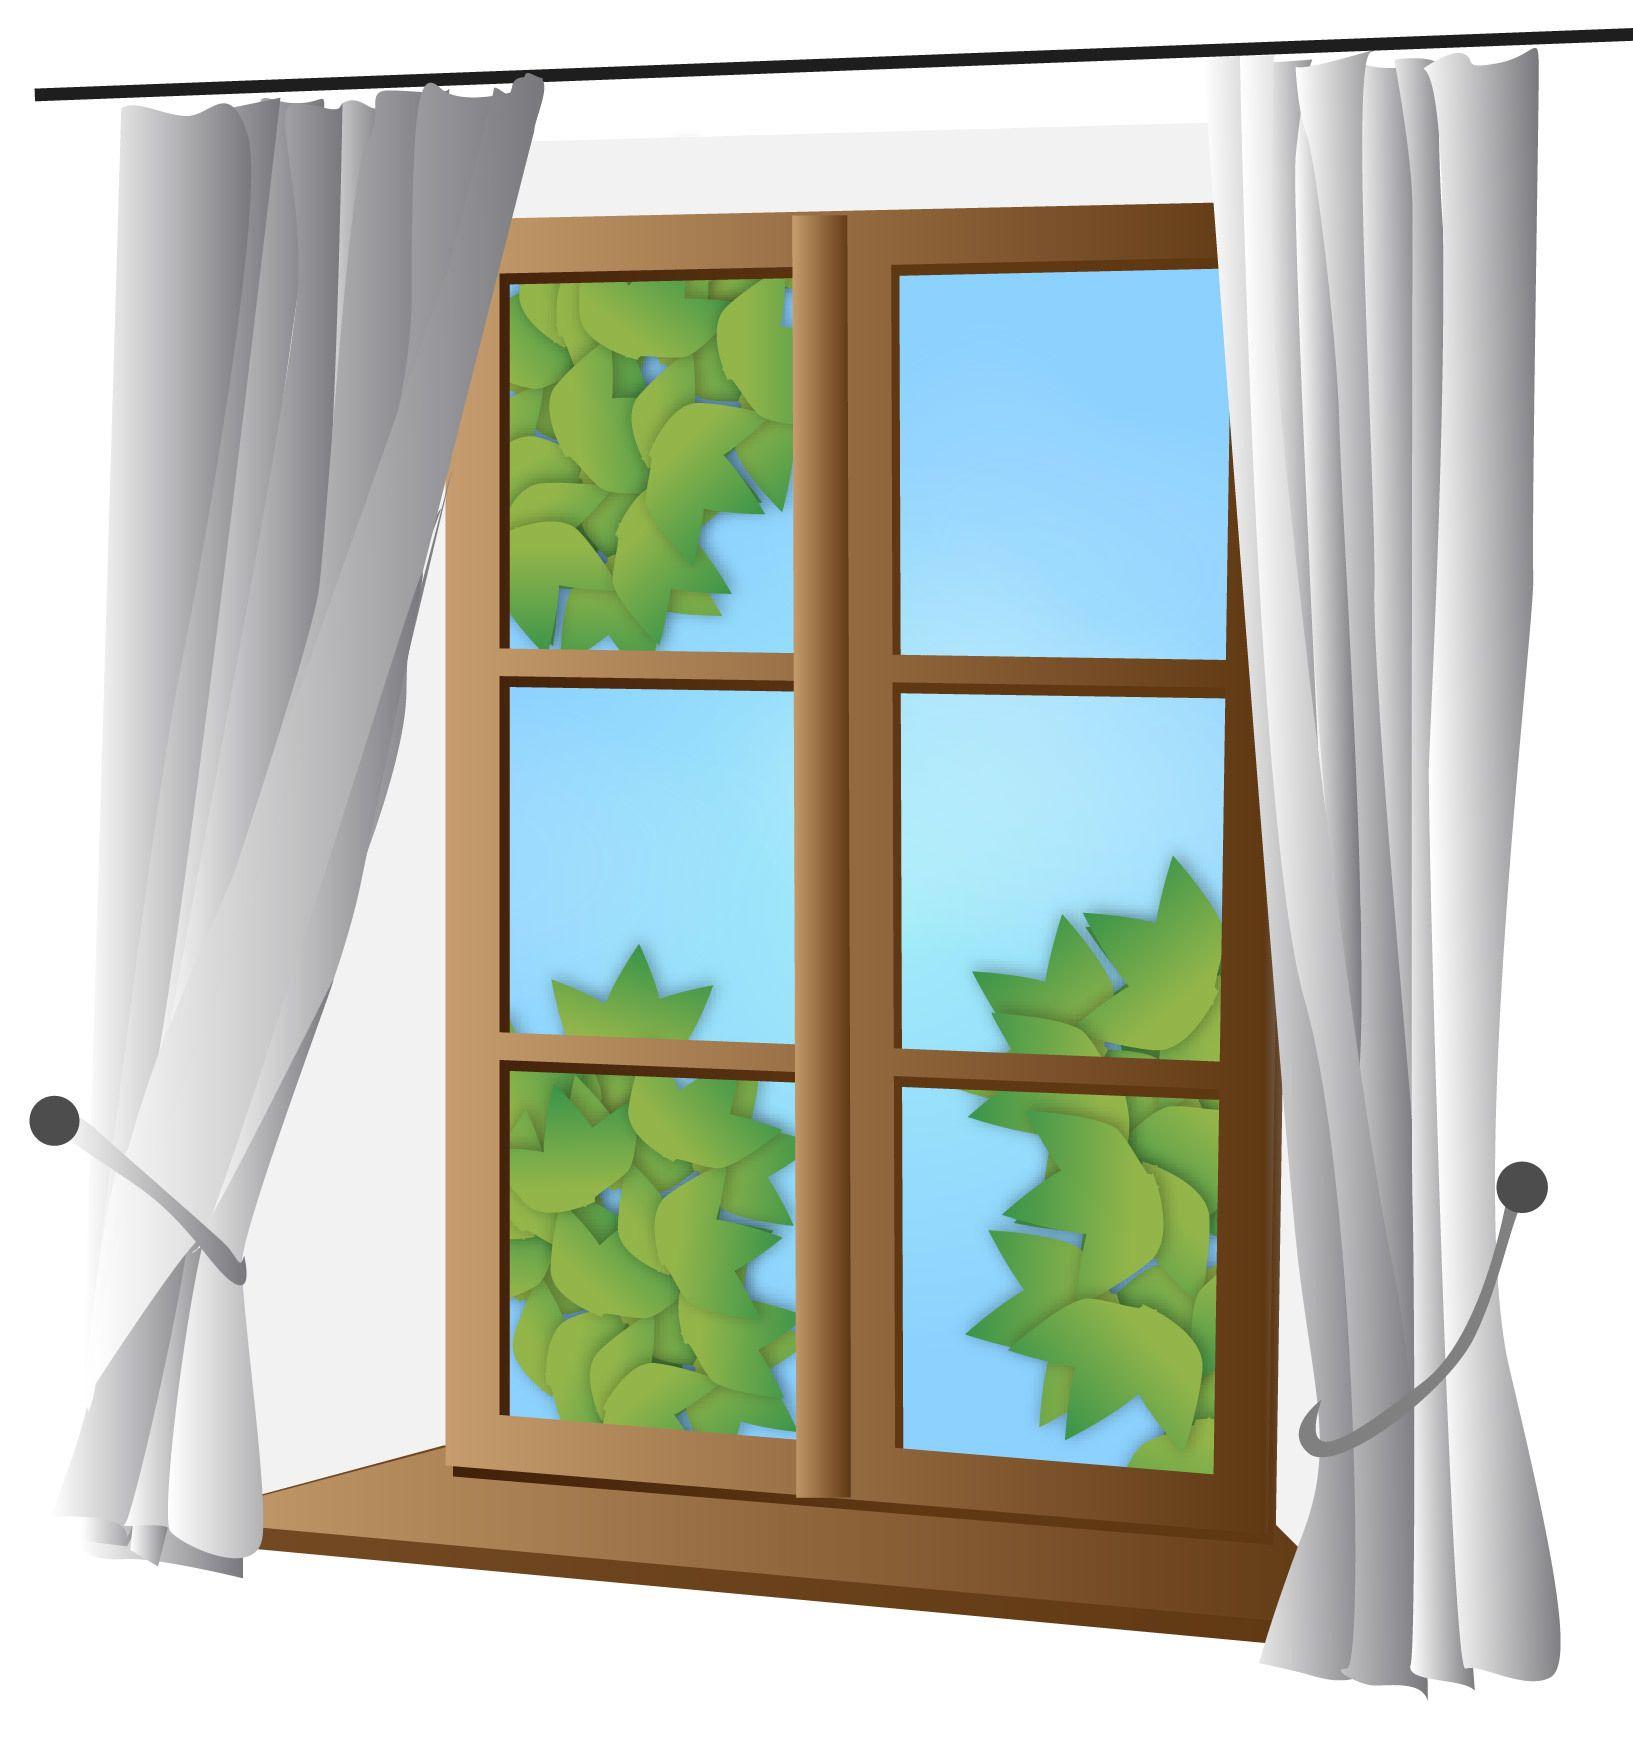 Dibujos de ventanas con cortinas - Ventanas con cortinas ...